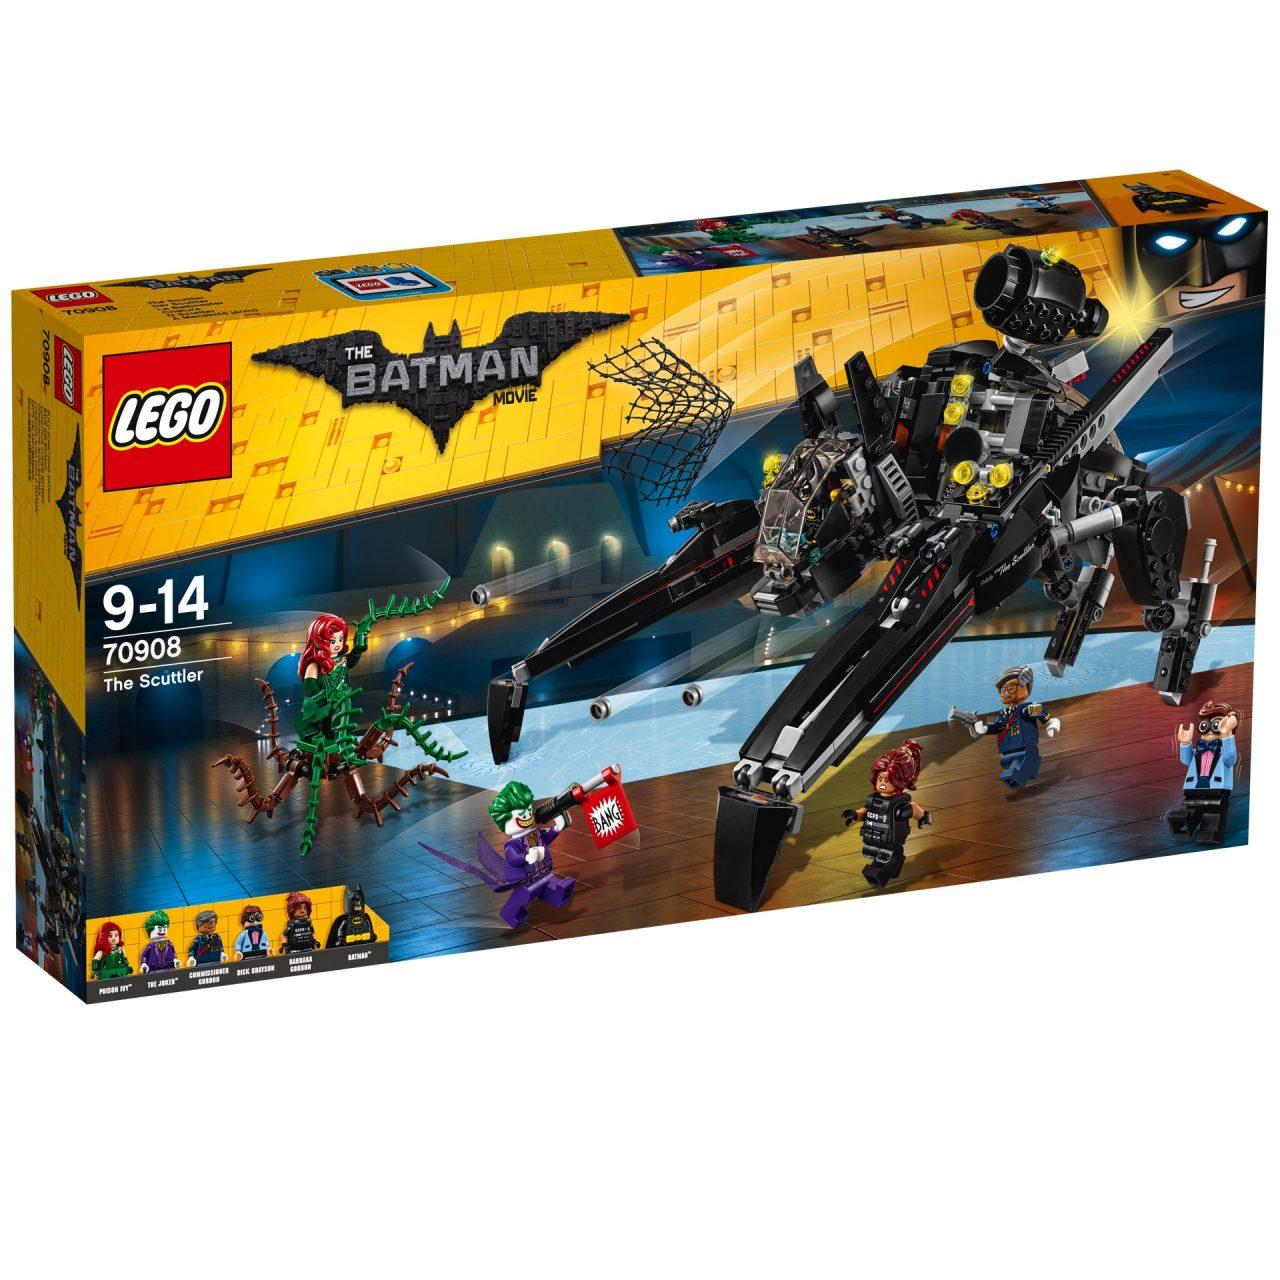 I nuovi set LEGO dedicati a LEGO Batman - Il film sono stupendi (foto)